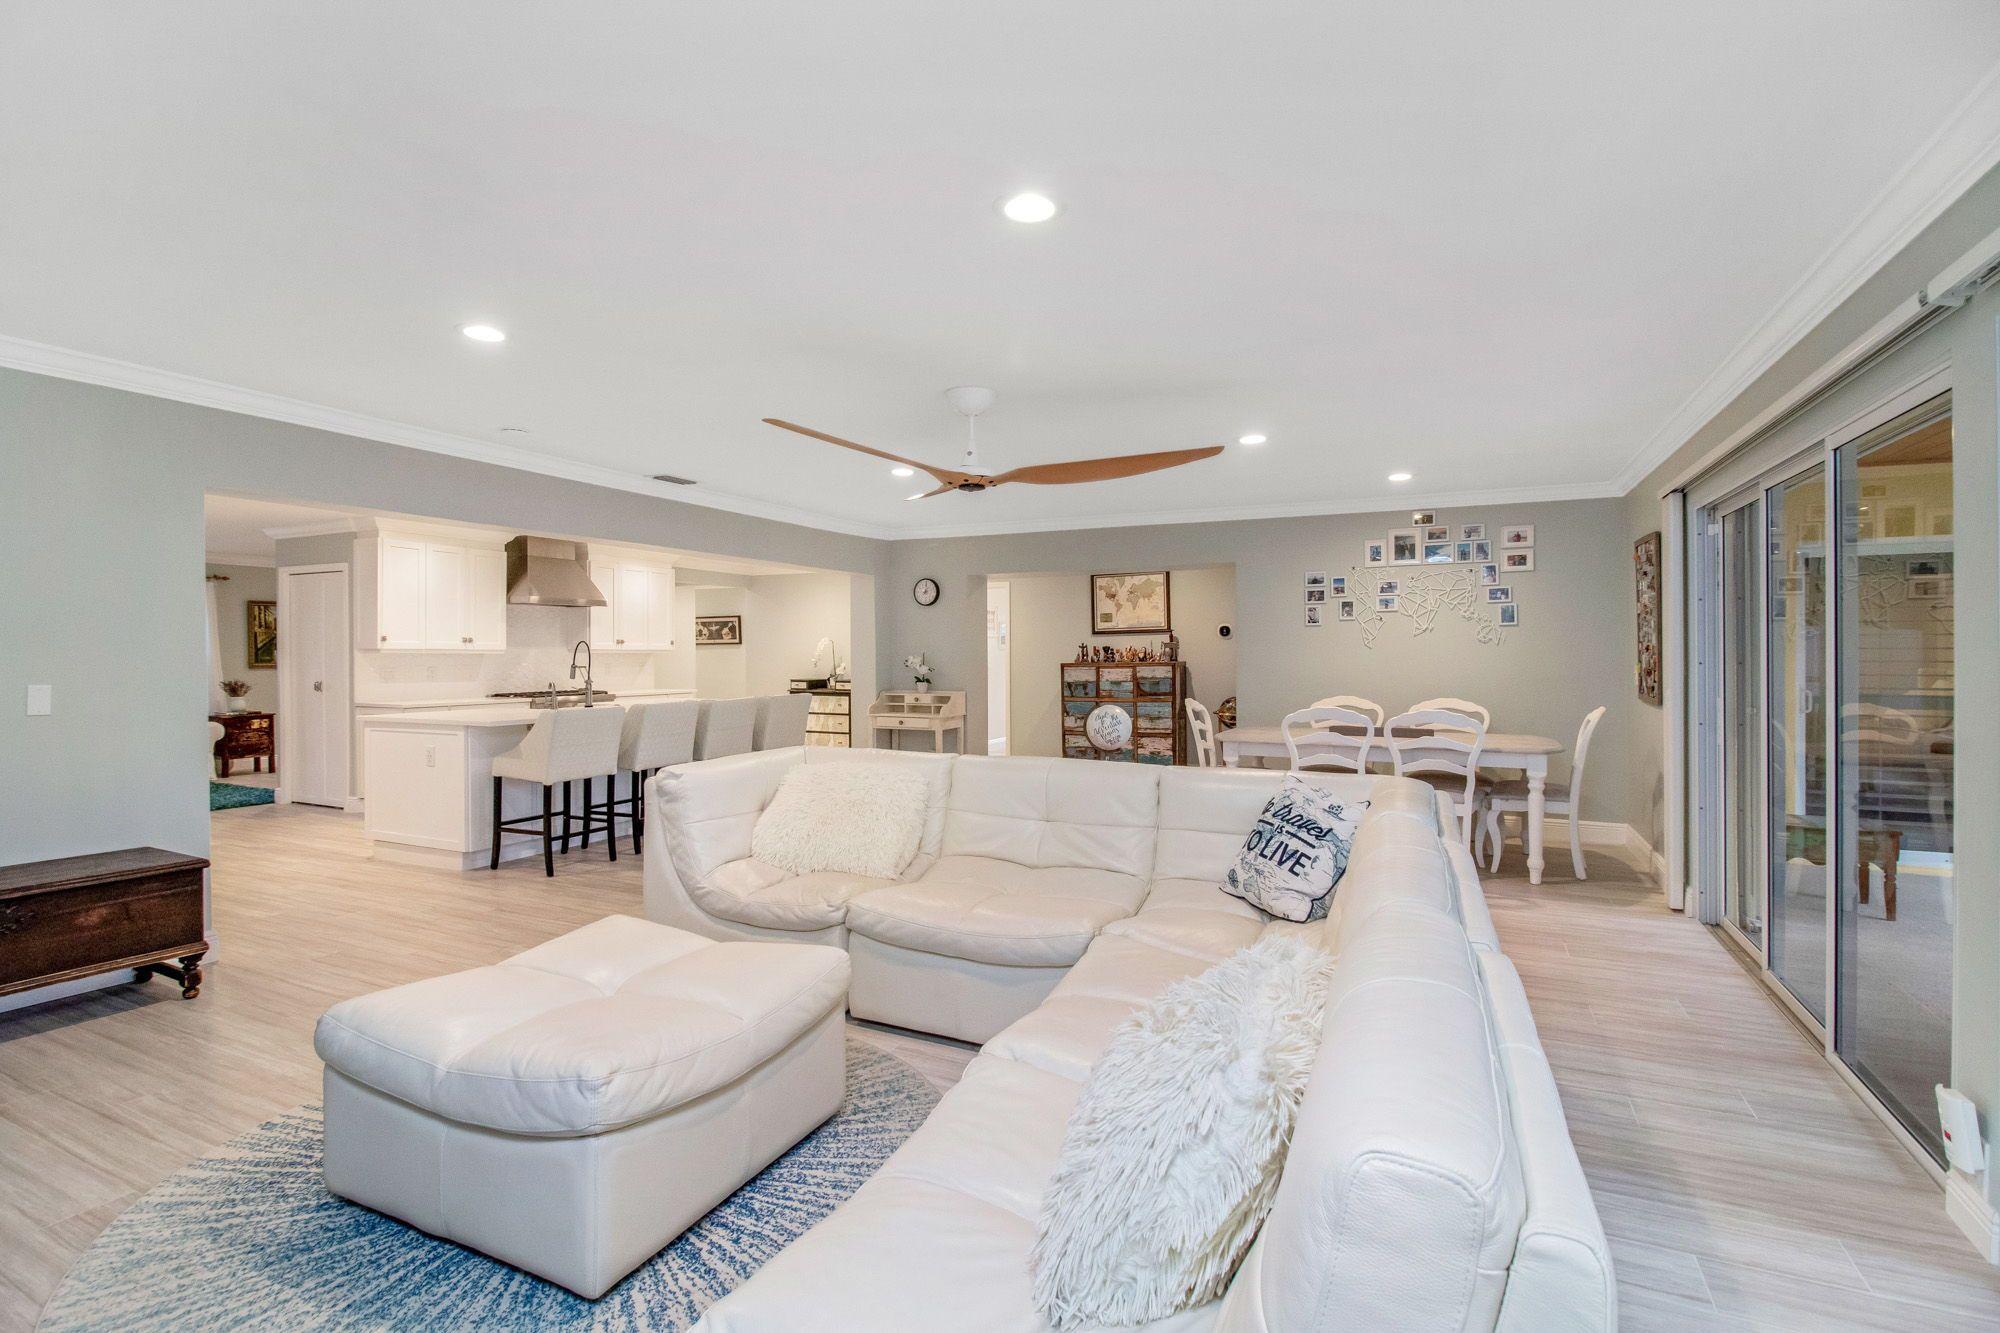 f17ce1a67178b0008ed1fd89e0f83d4e - Rooms For Rent Palm Beach Gardens Fl